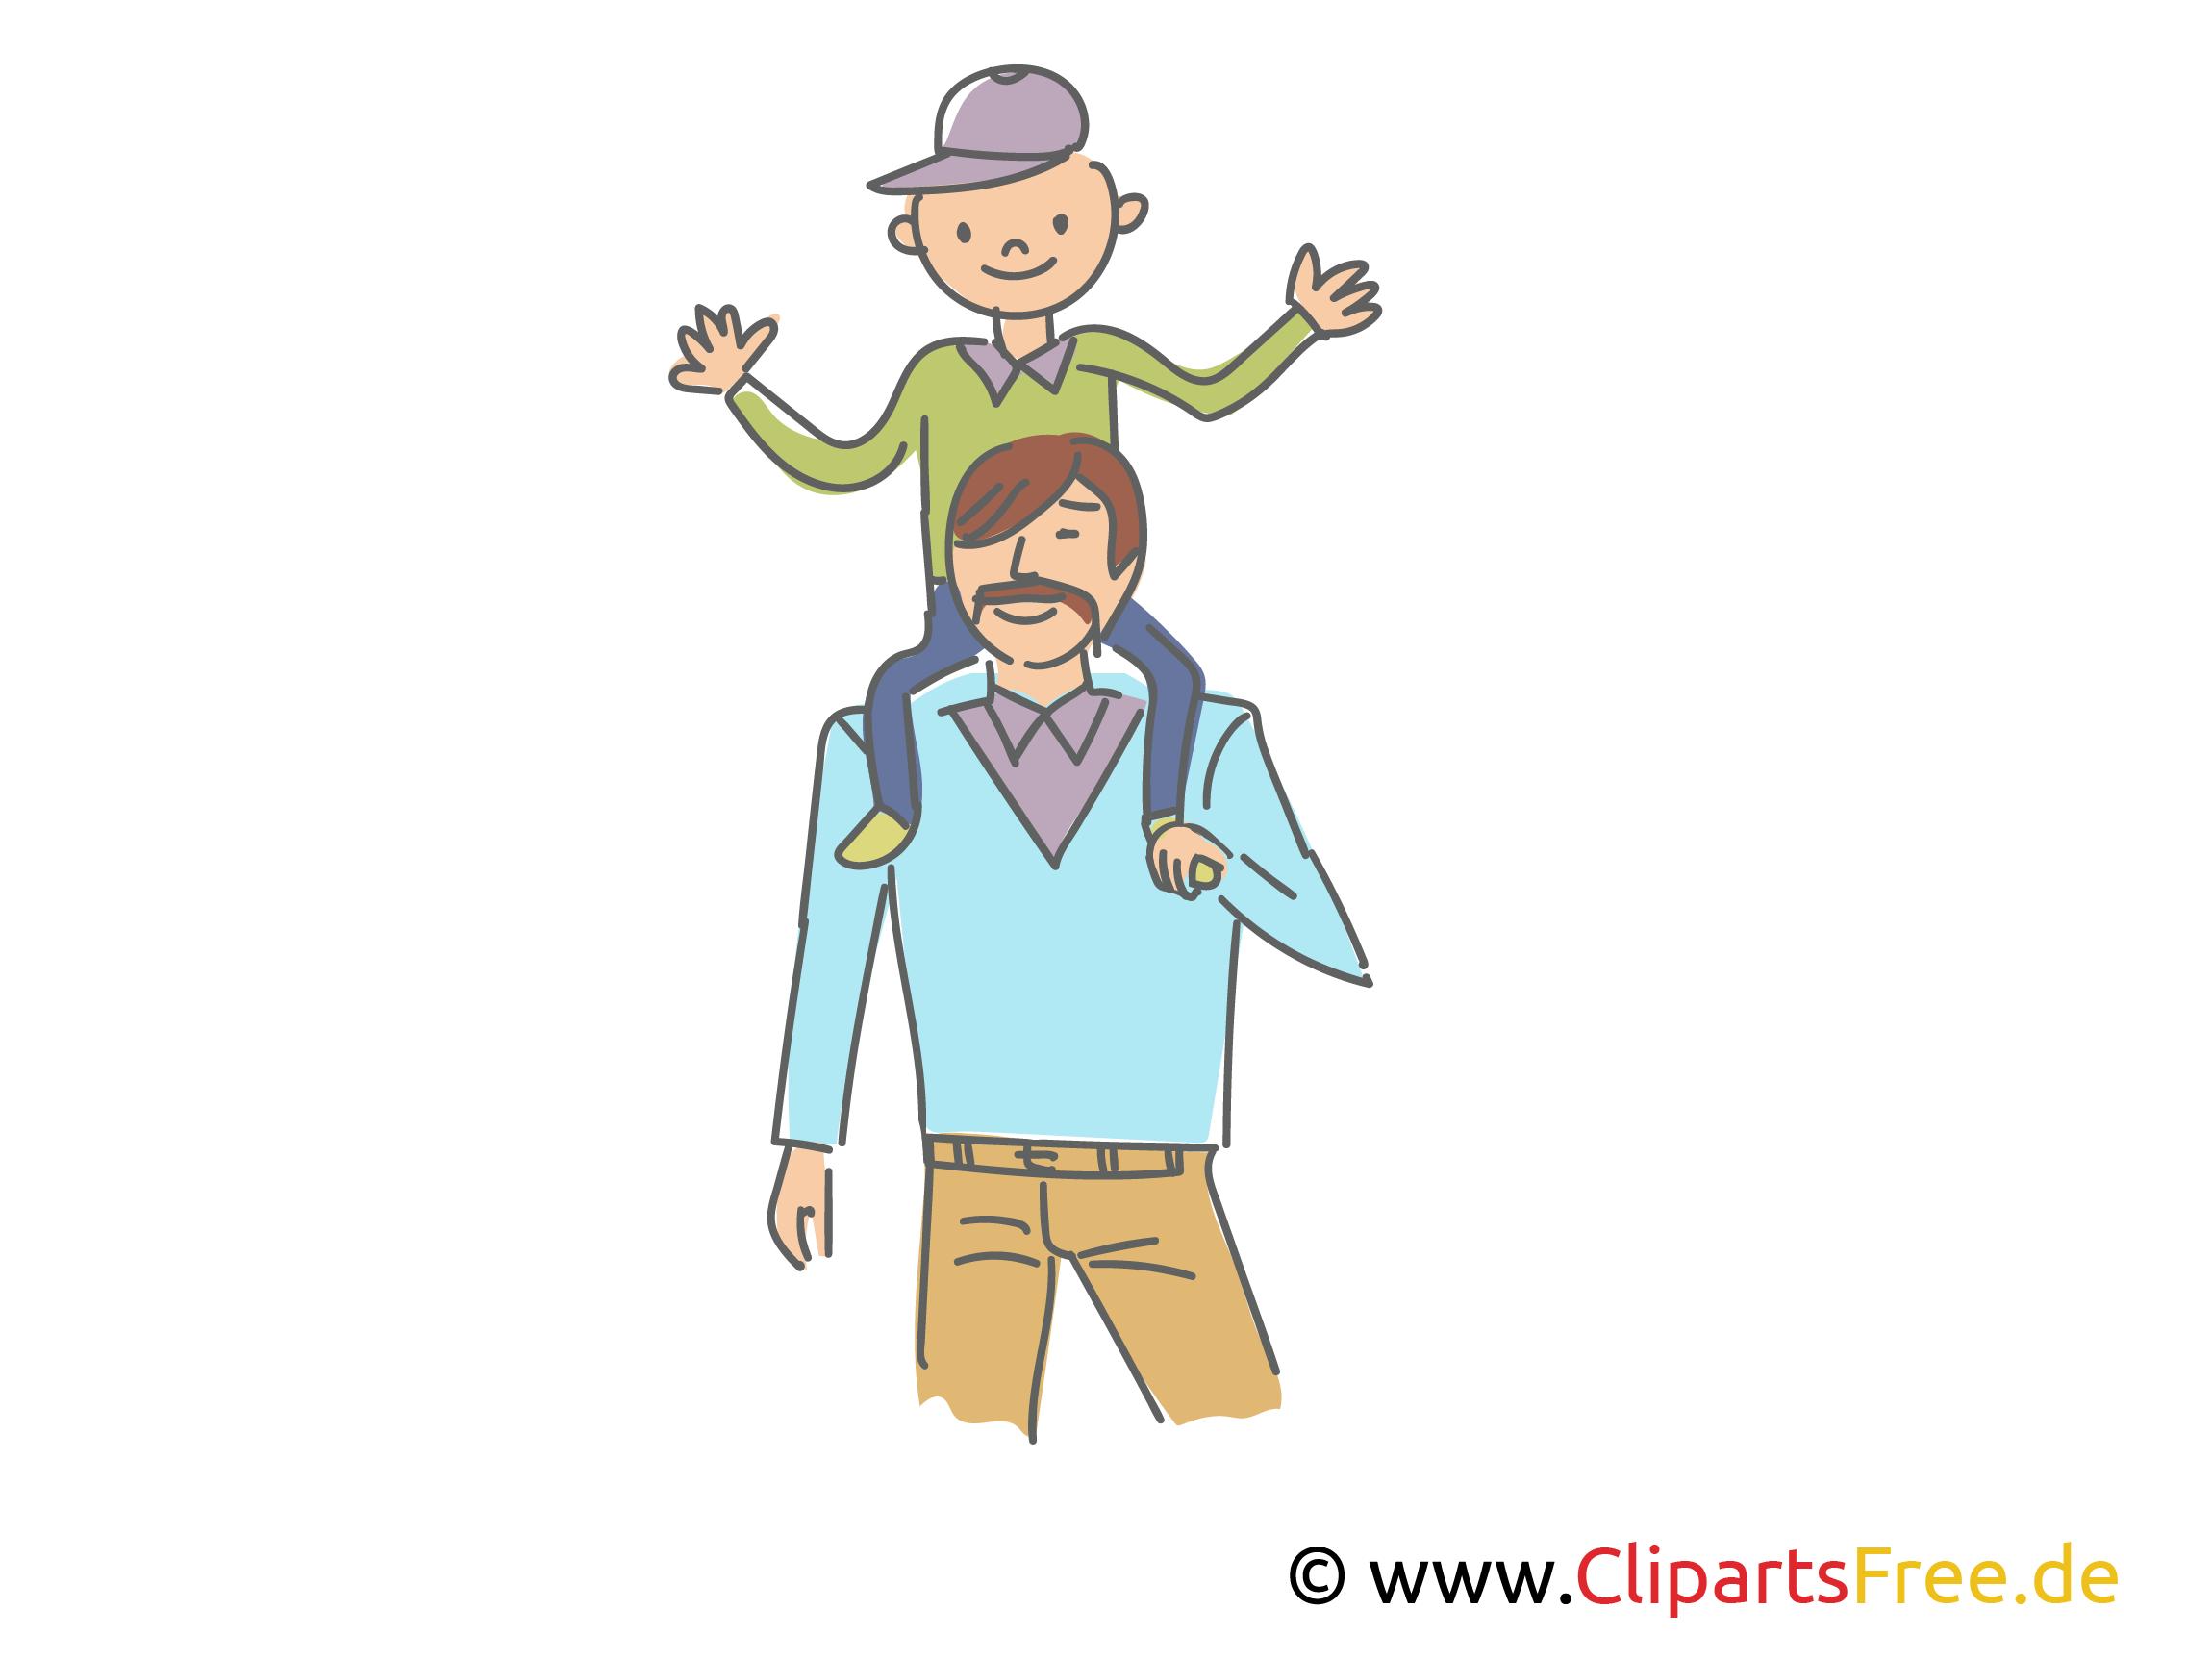 Vater trägt den Sohn auf Schultern Clipart, Illustration, Bild